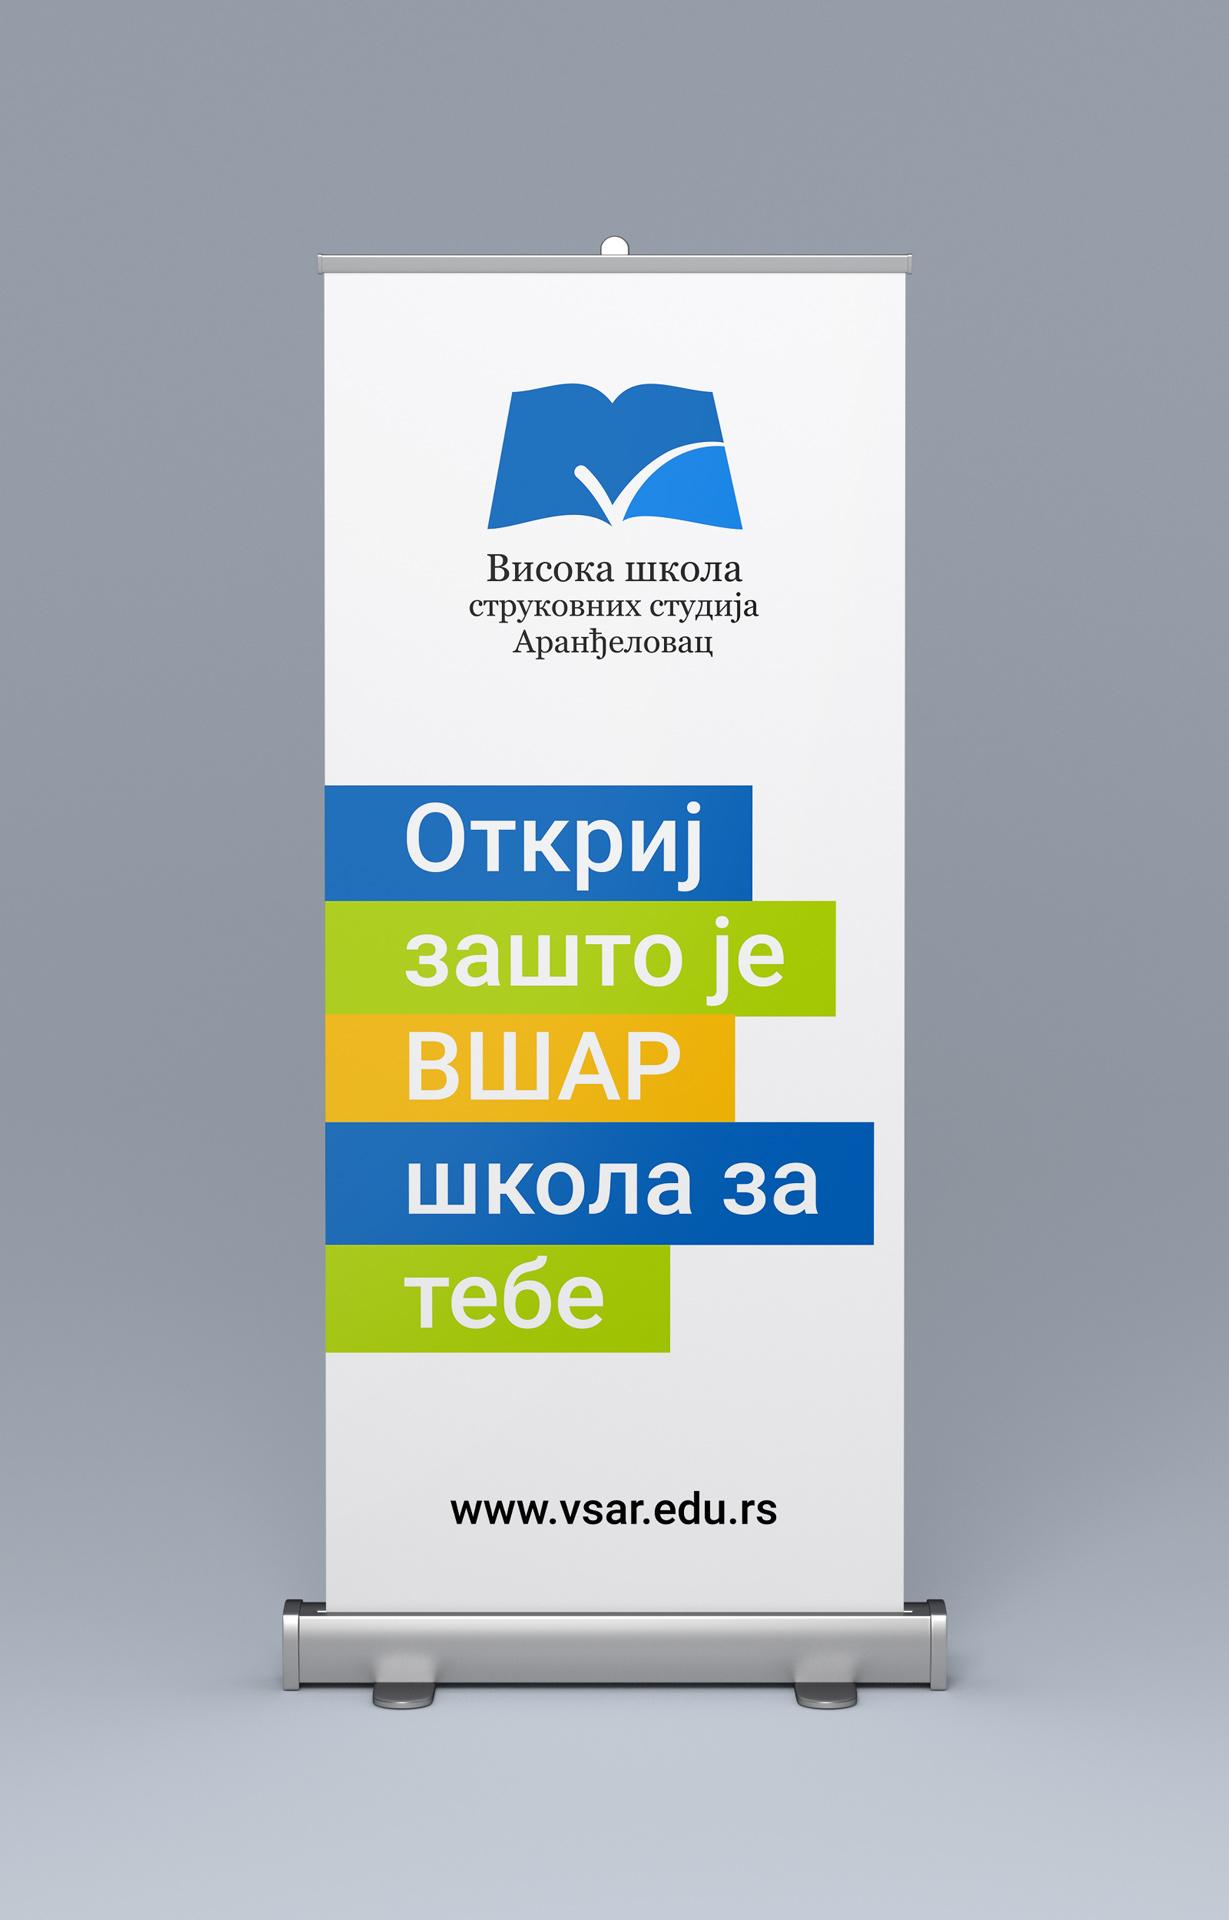 Dizajn roll-up-a Visoke škole strukovnih studija Aranđelovac